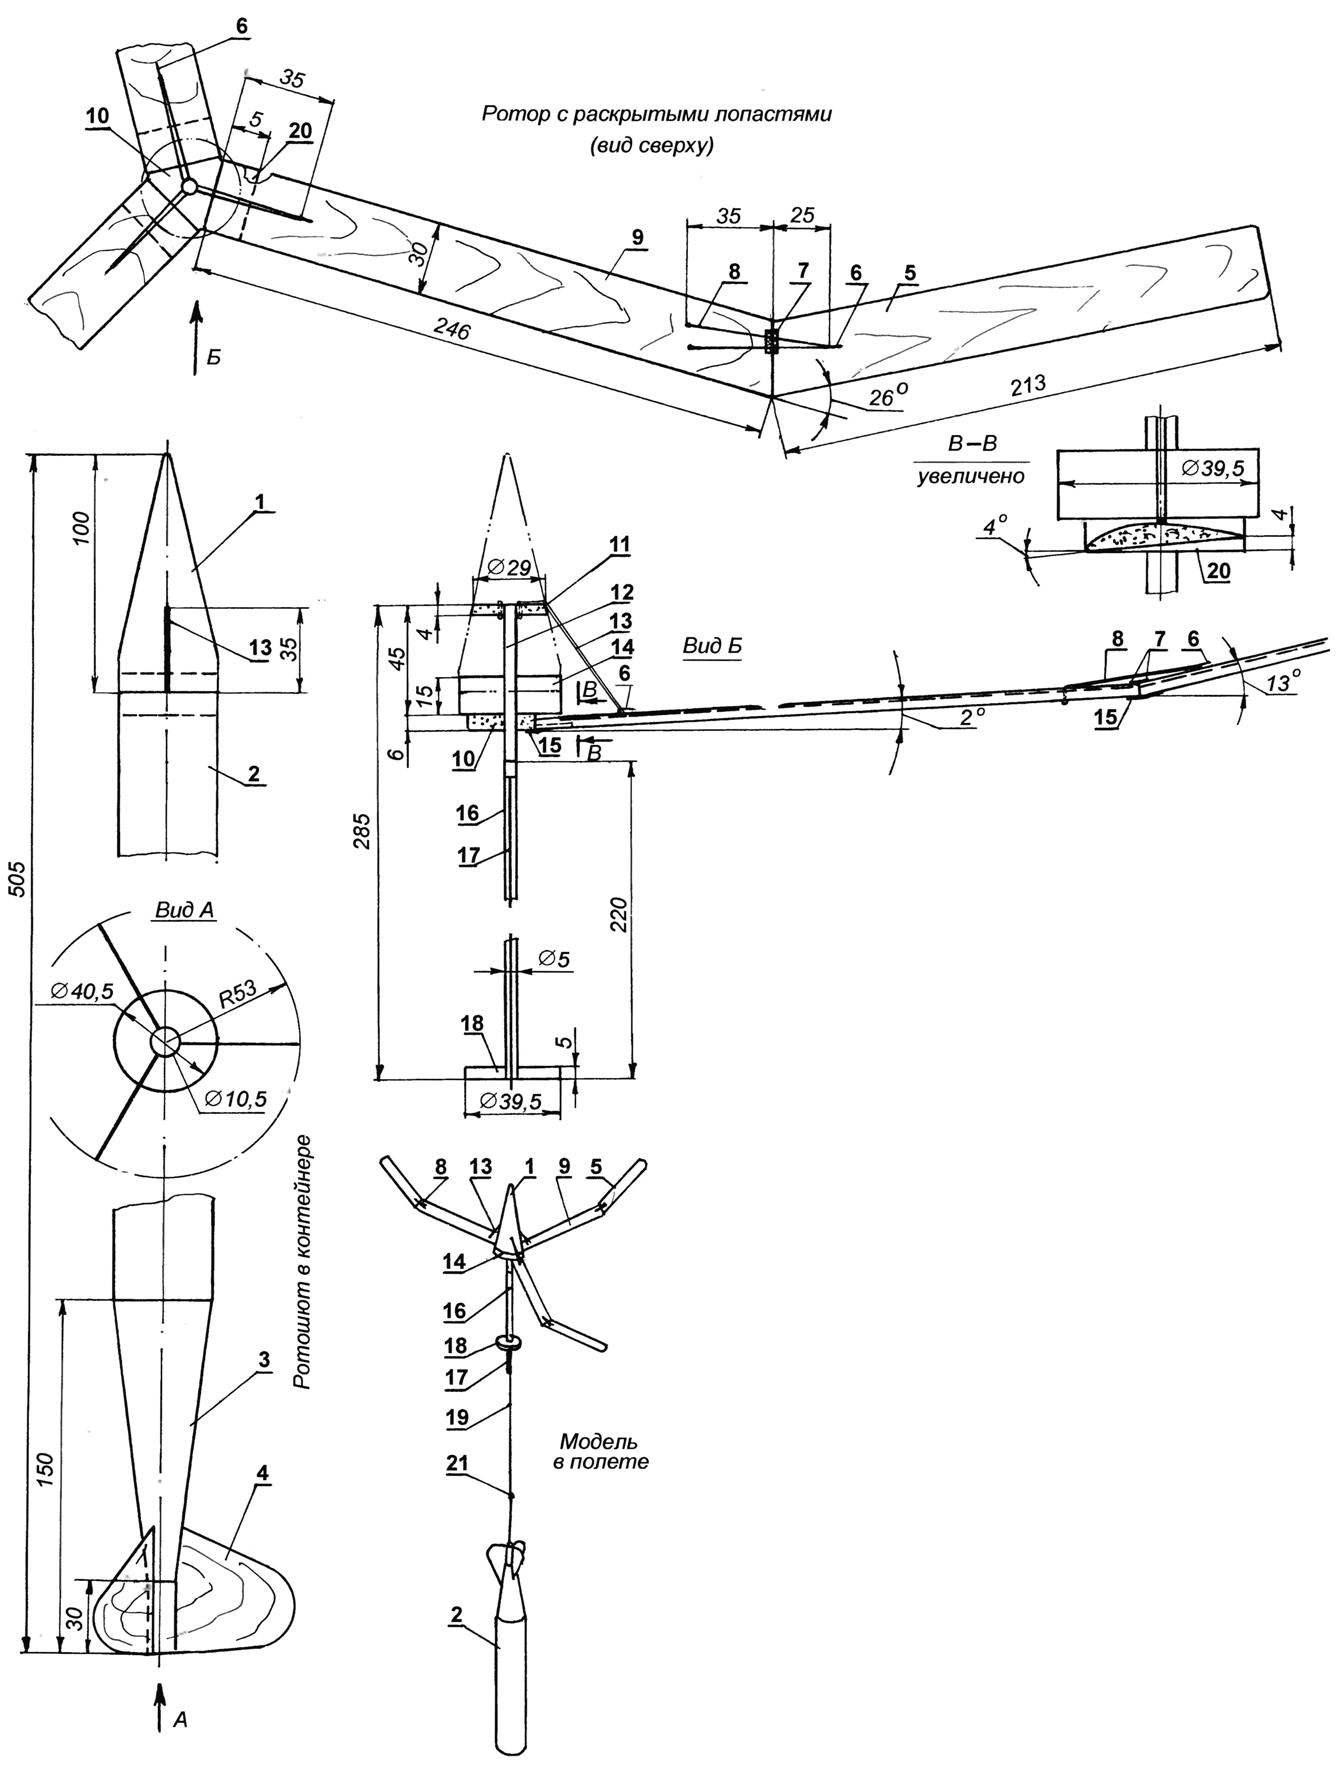 Рис. 1. Модель ротошюта класса S9B А.Грязева (г.Челябинск)